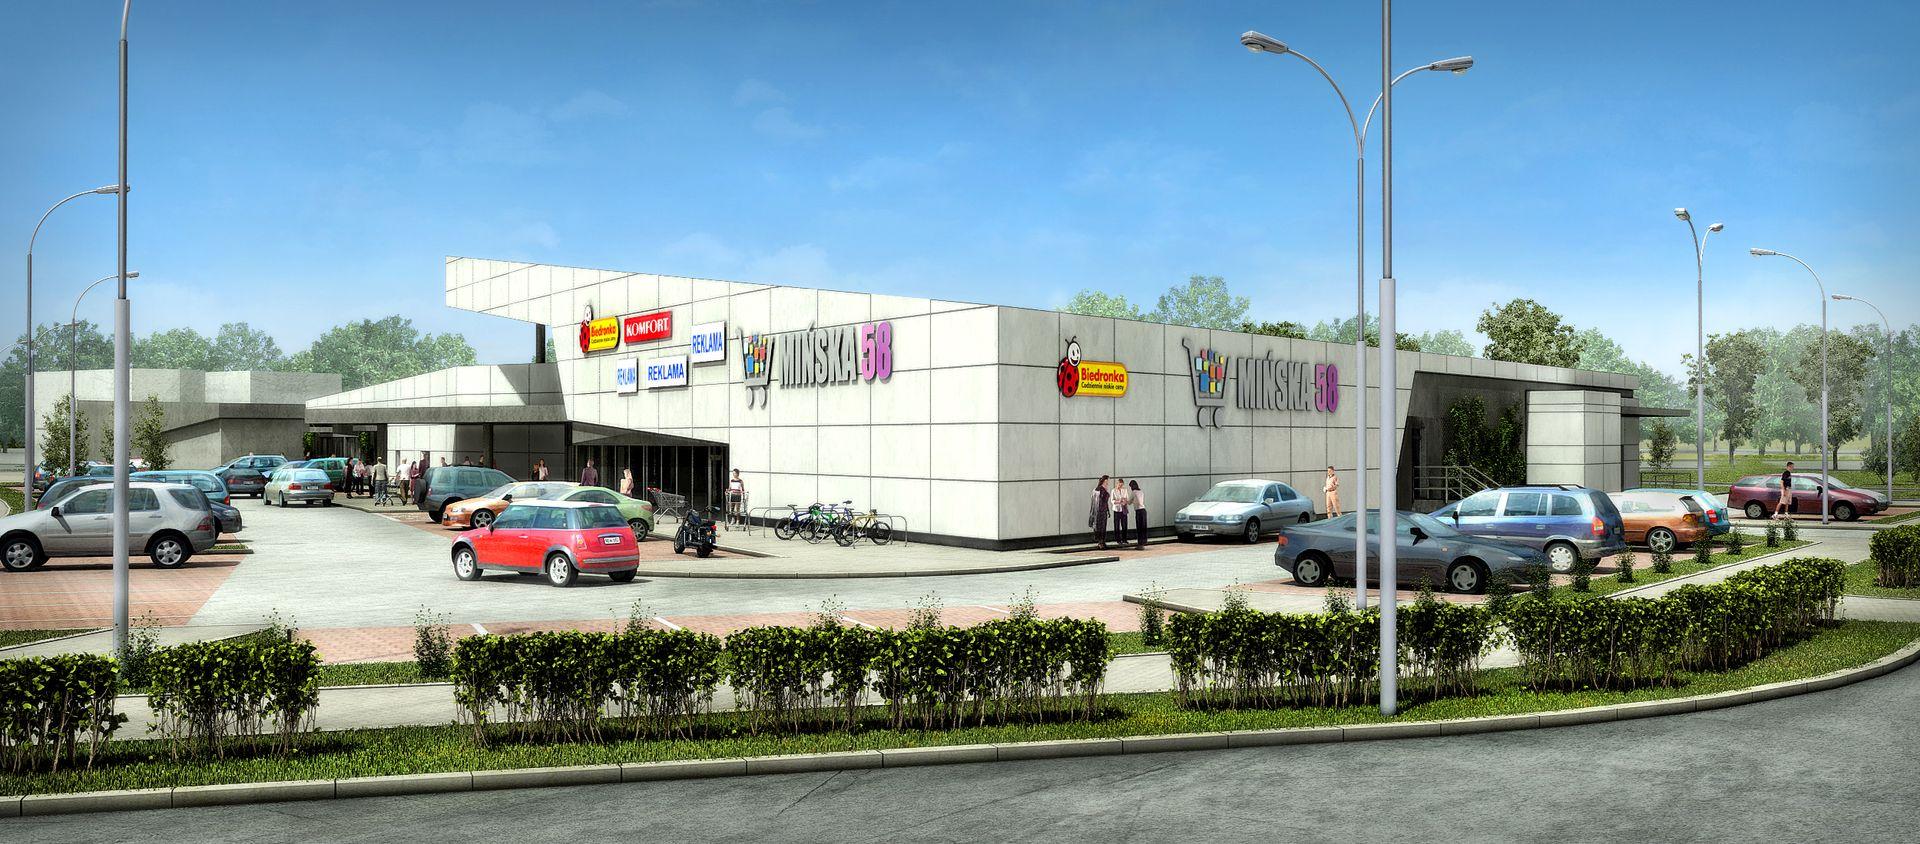 Wrocław: Mińska 58 – Womak buduje centrum handlowe na Muchoborze Wielkim